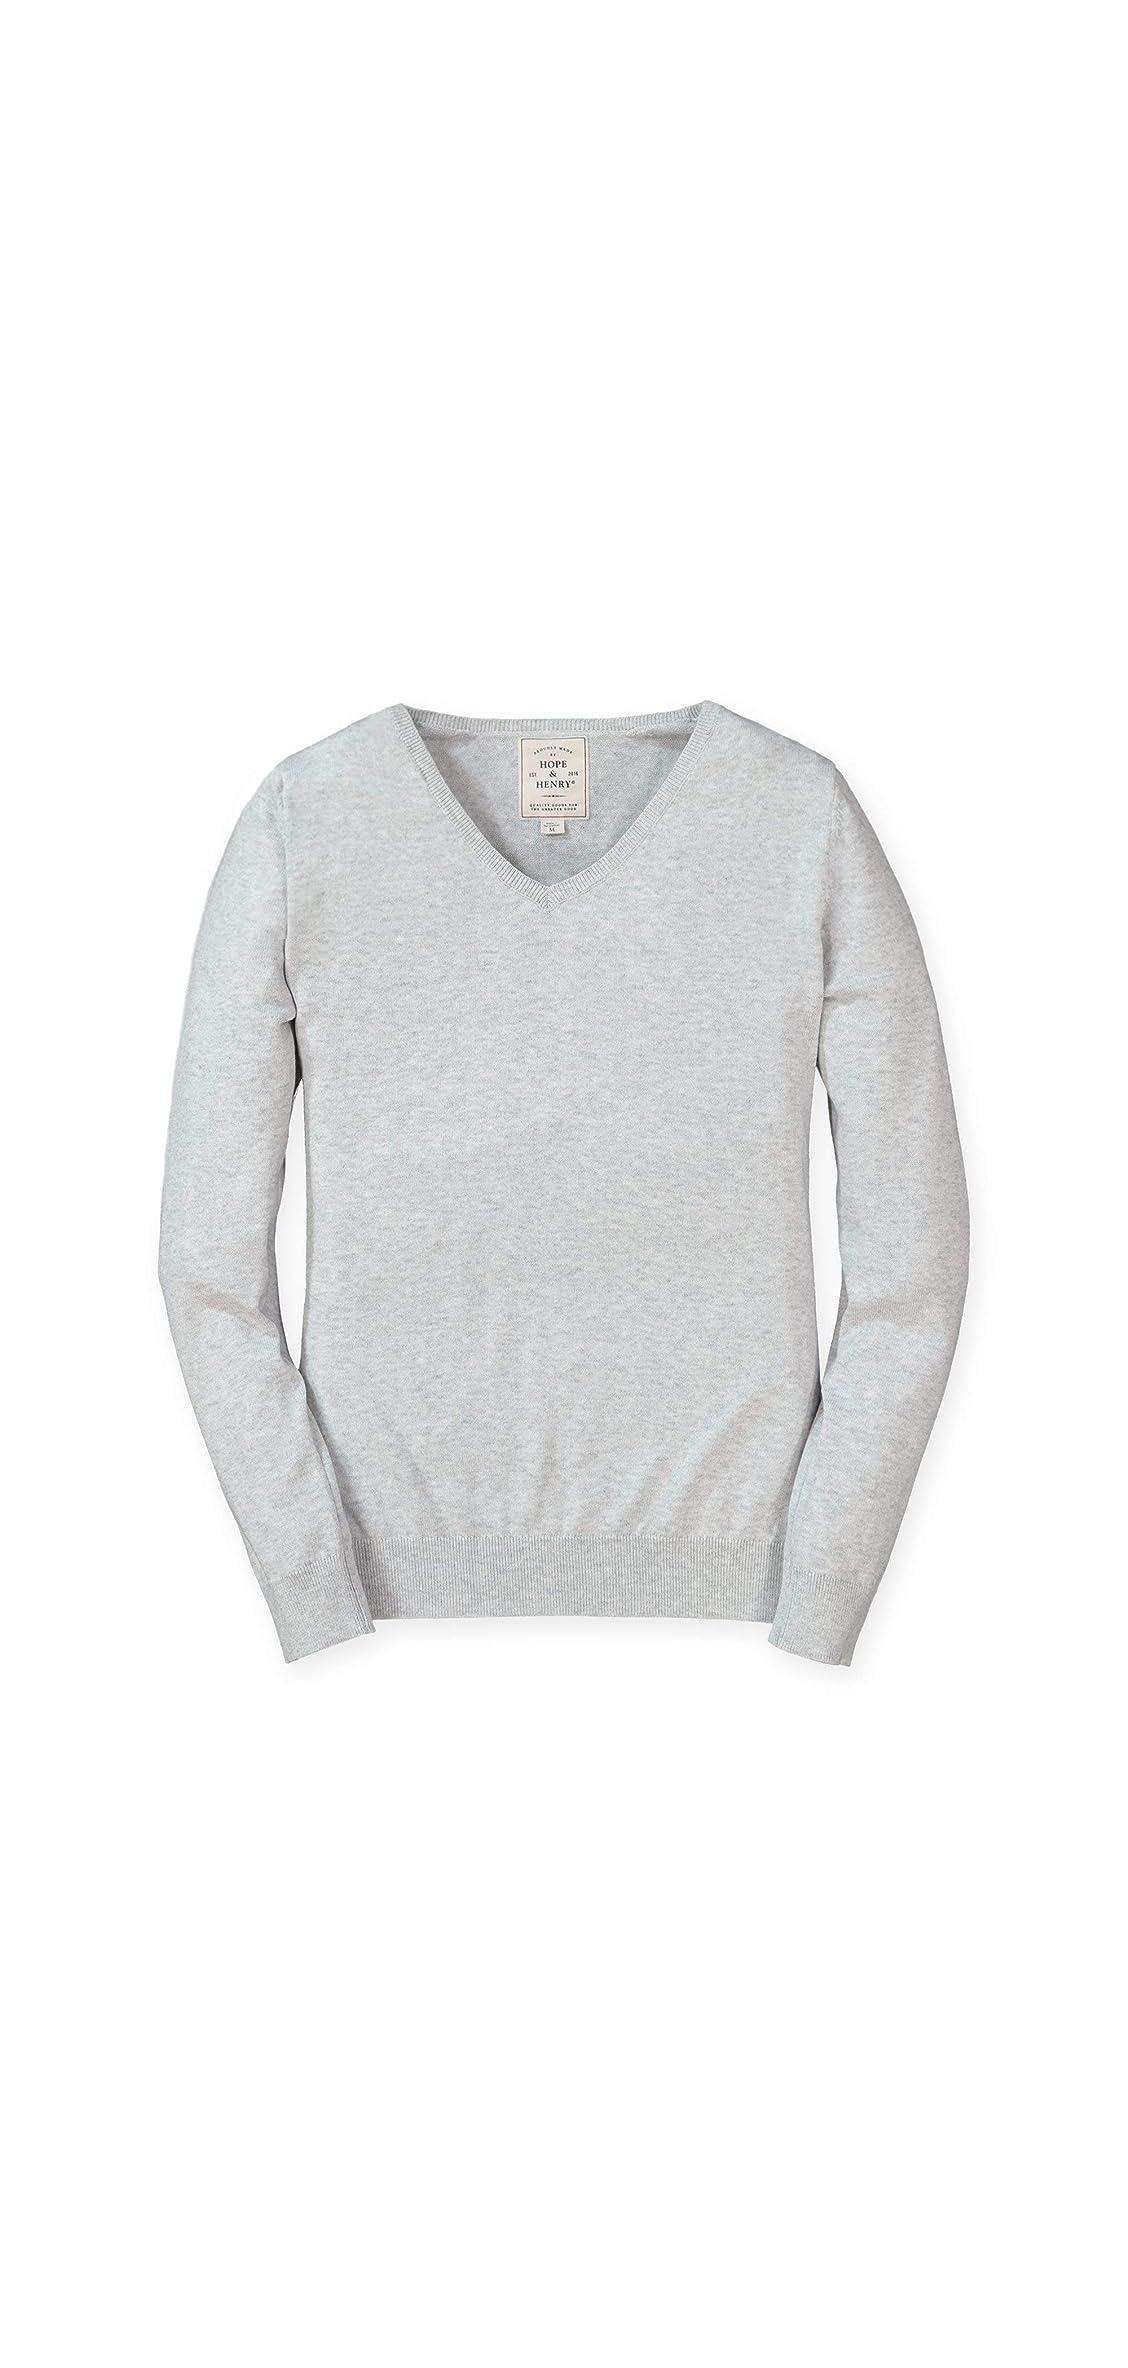 Women's Long Sleeve Fine Gauge V-neck Sweater